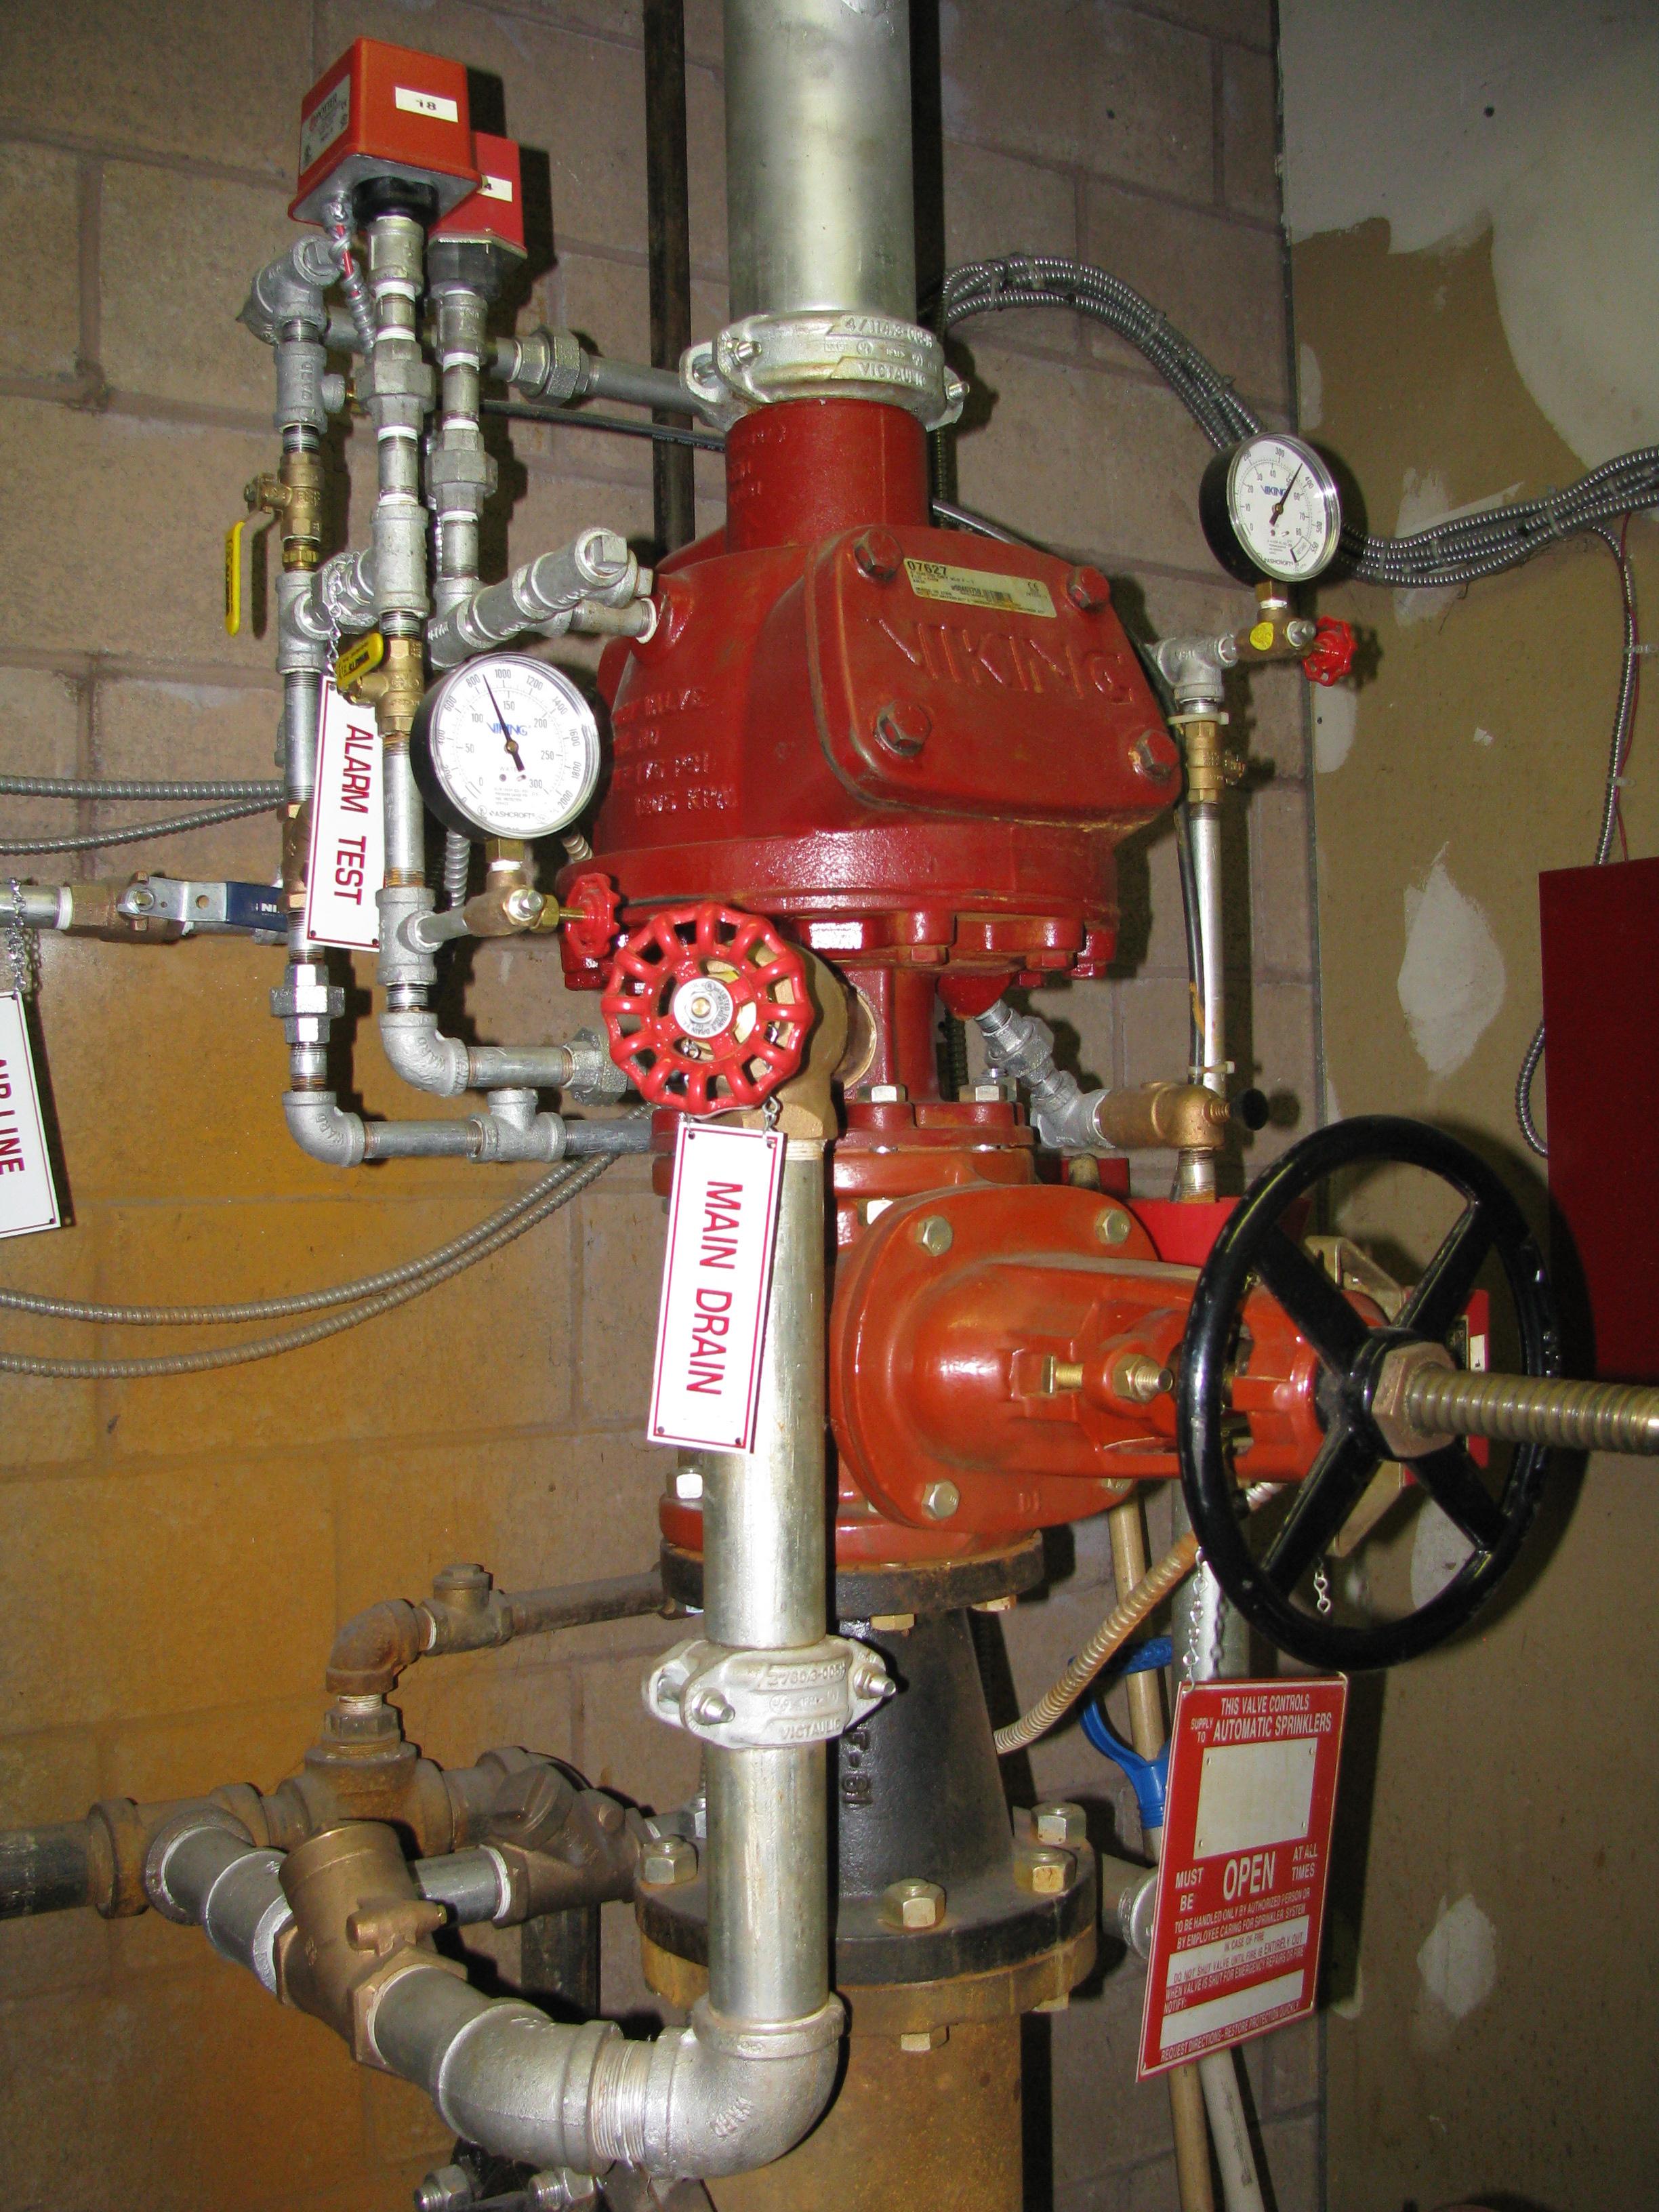 Dry Sprinkler System Air Compressor Diydrywalls Org